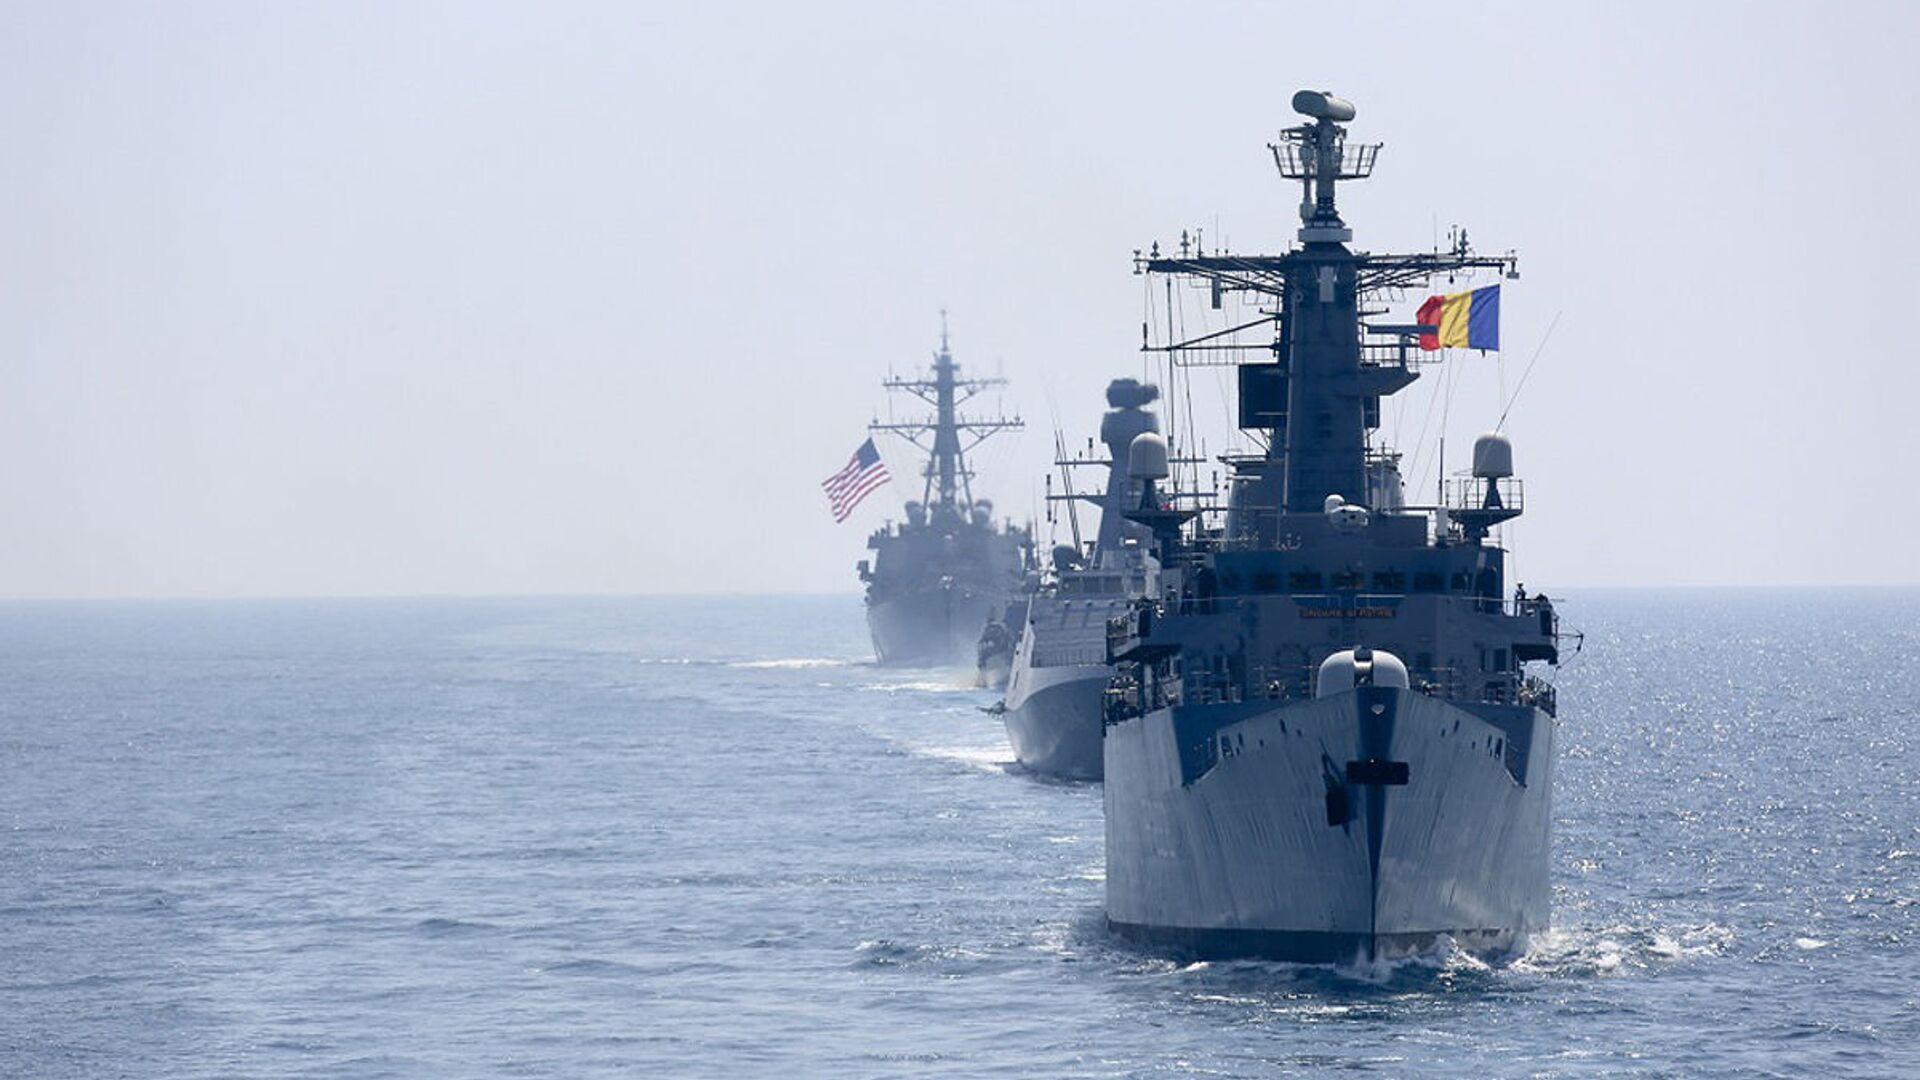 Các tàu của NATO ở Biển Đen - Sputnik Việt Nam, 1920, 16.04.2021